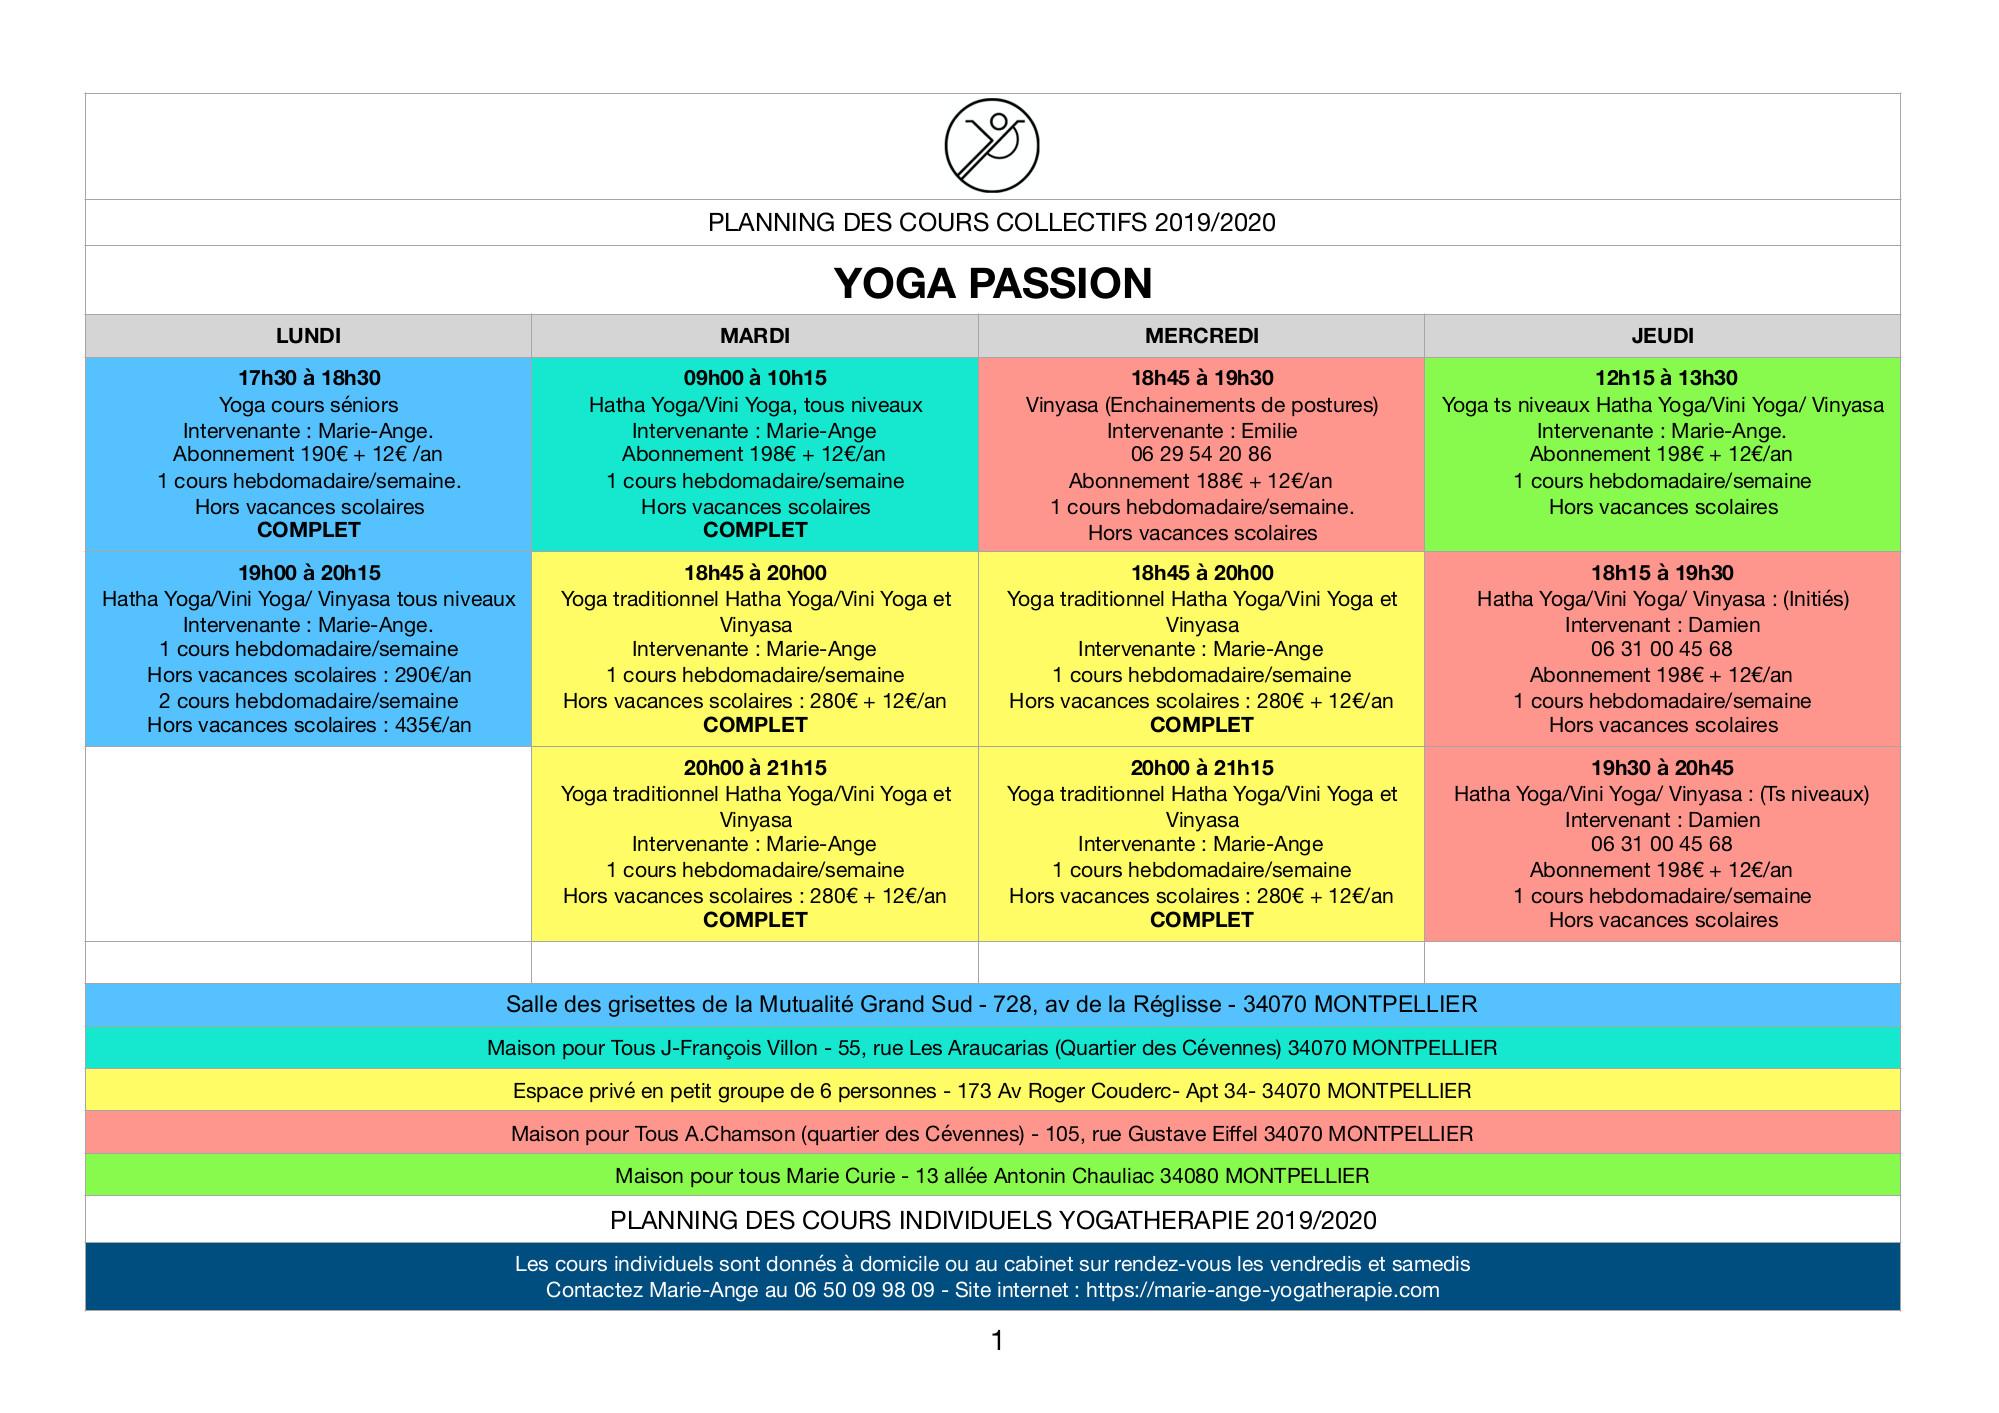 Planning des cours de yoga à Montpellier